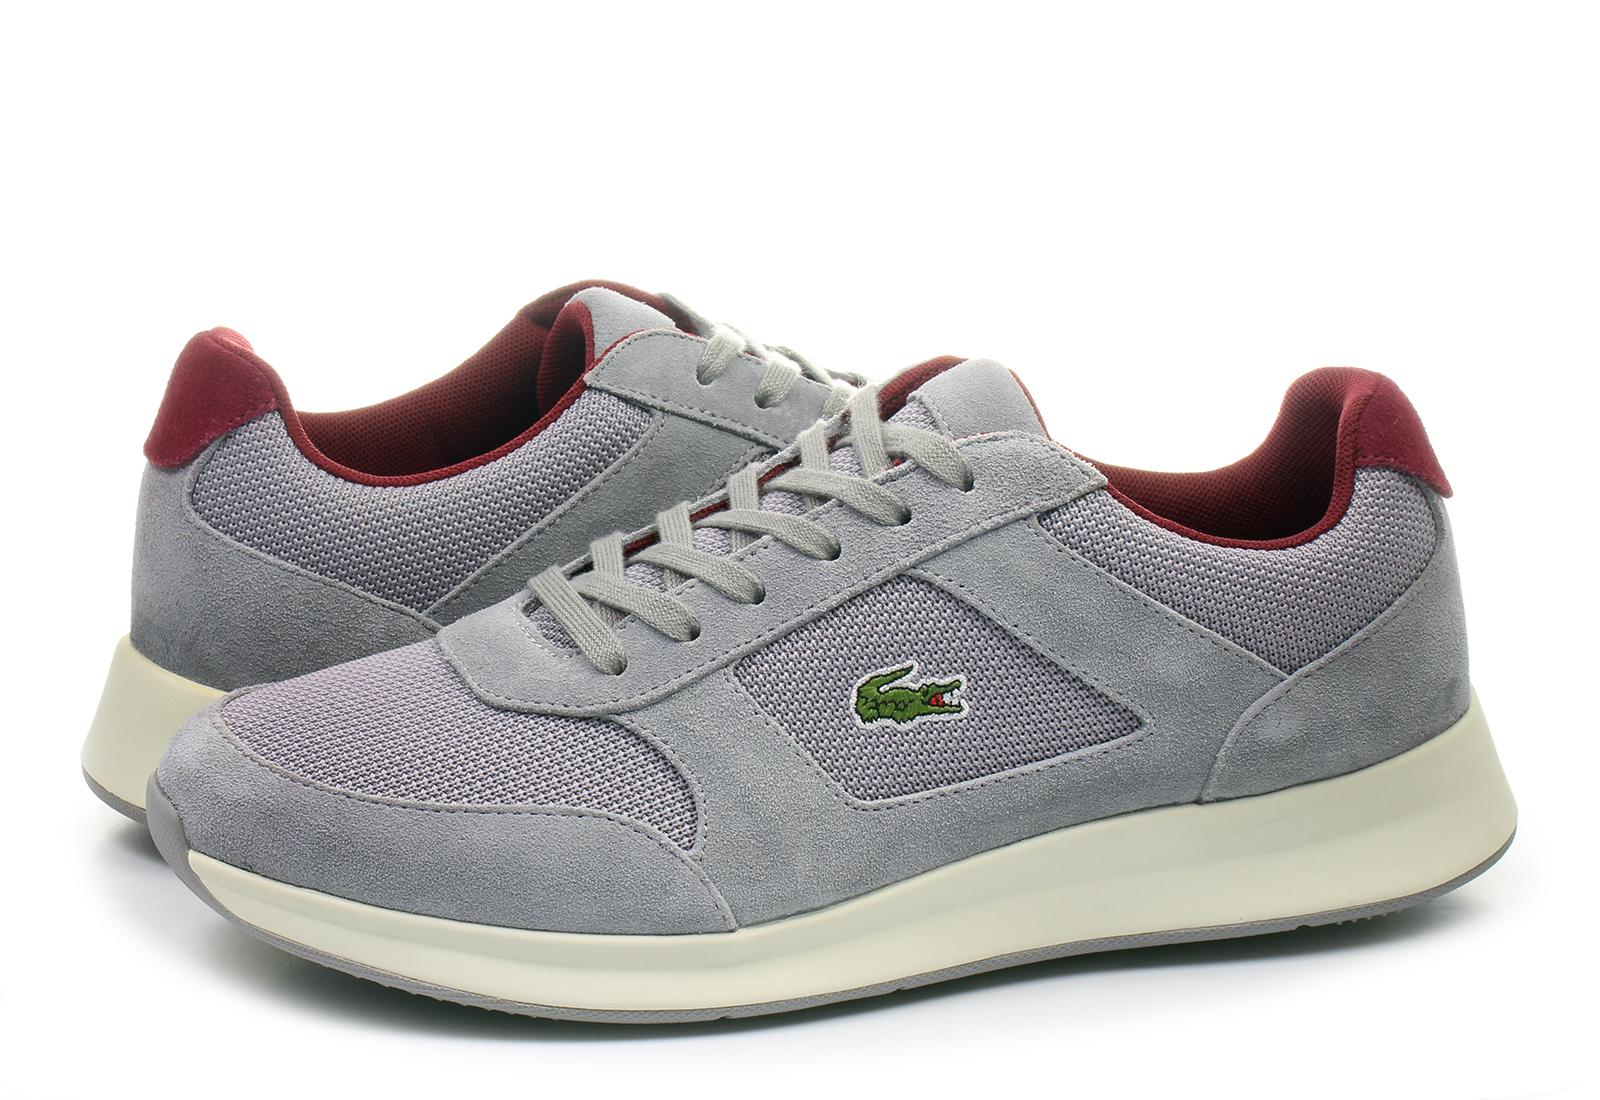 Lacoste Shoes - joggeur - 171spm1008-007 - Online shop for ...